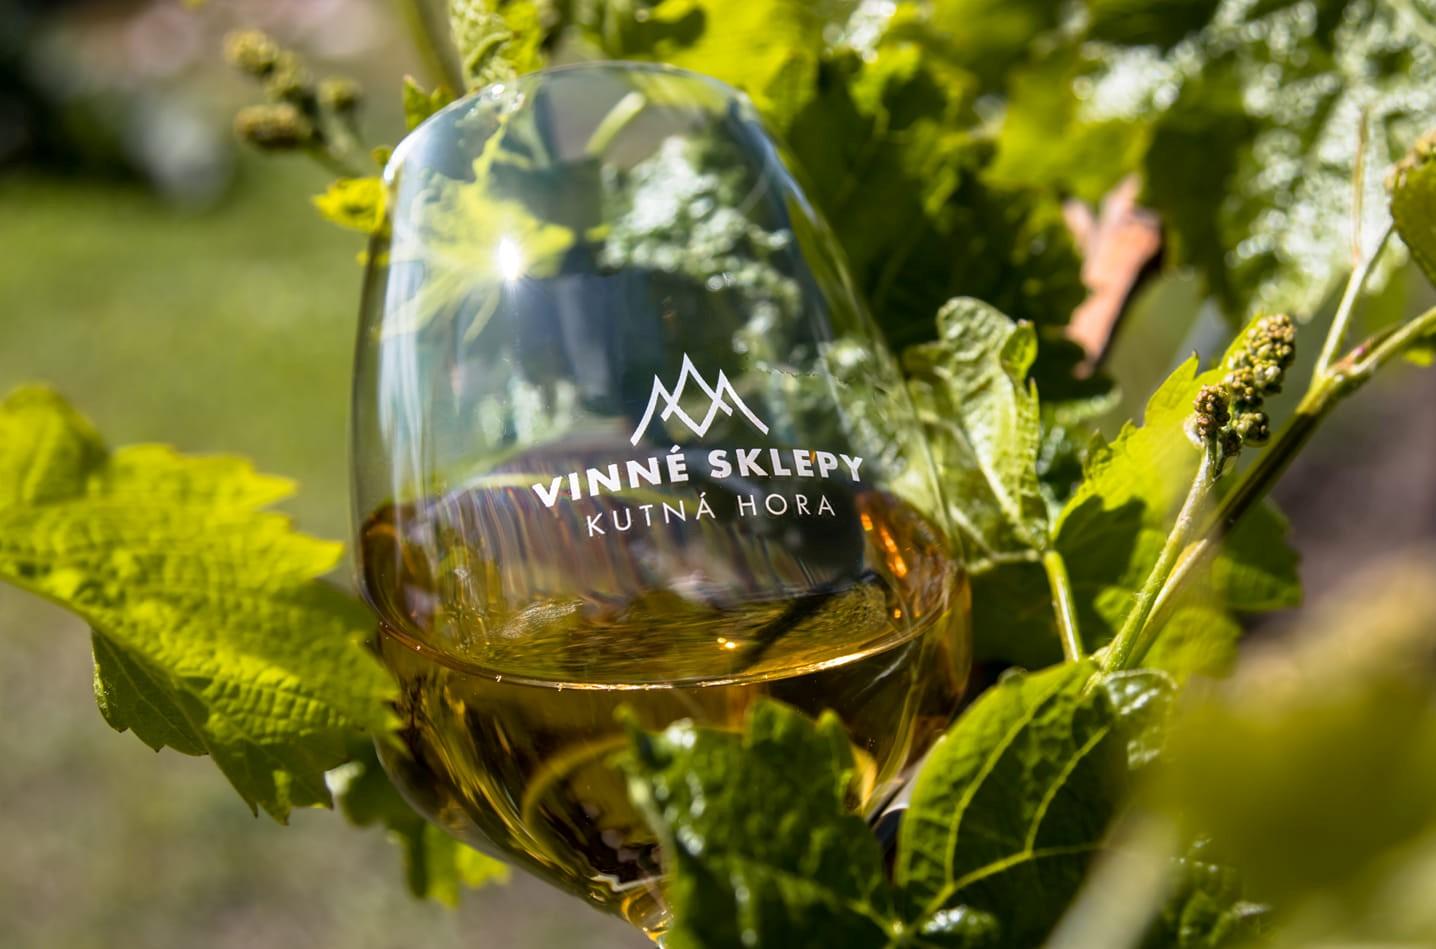 Nabídka biodynamických vín